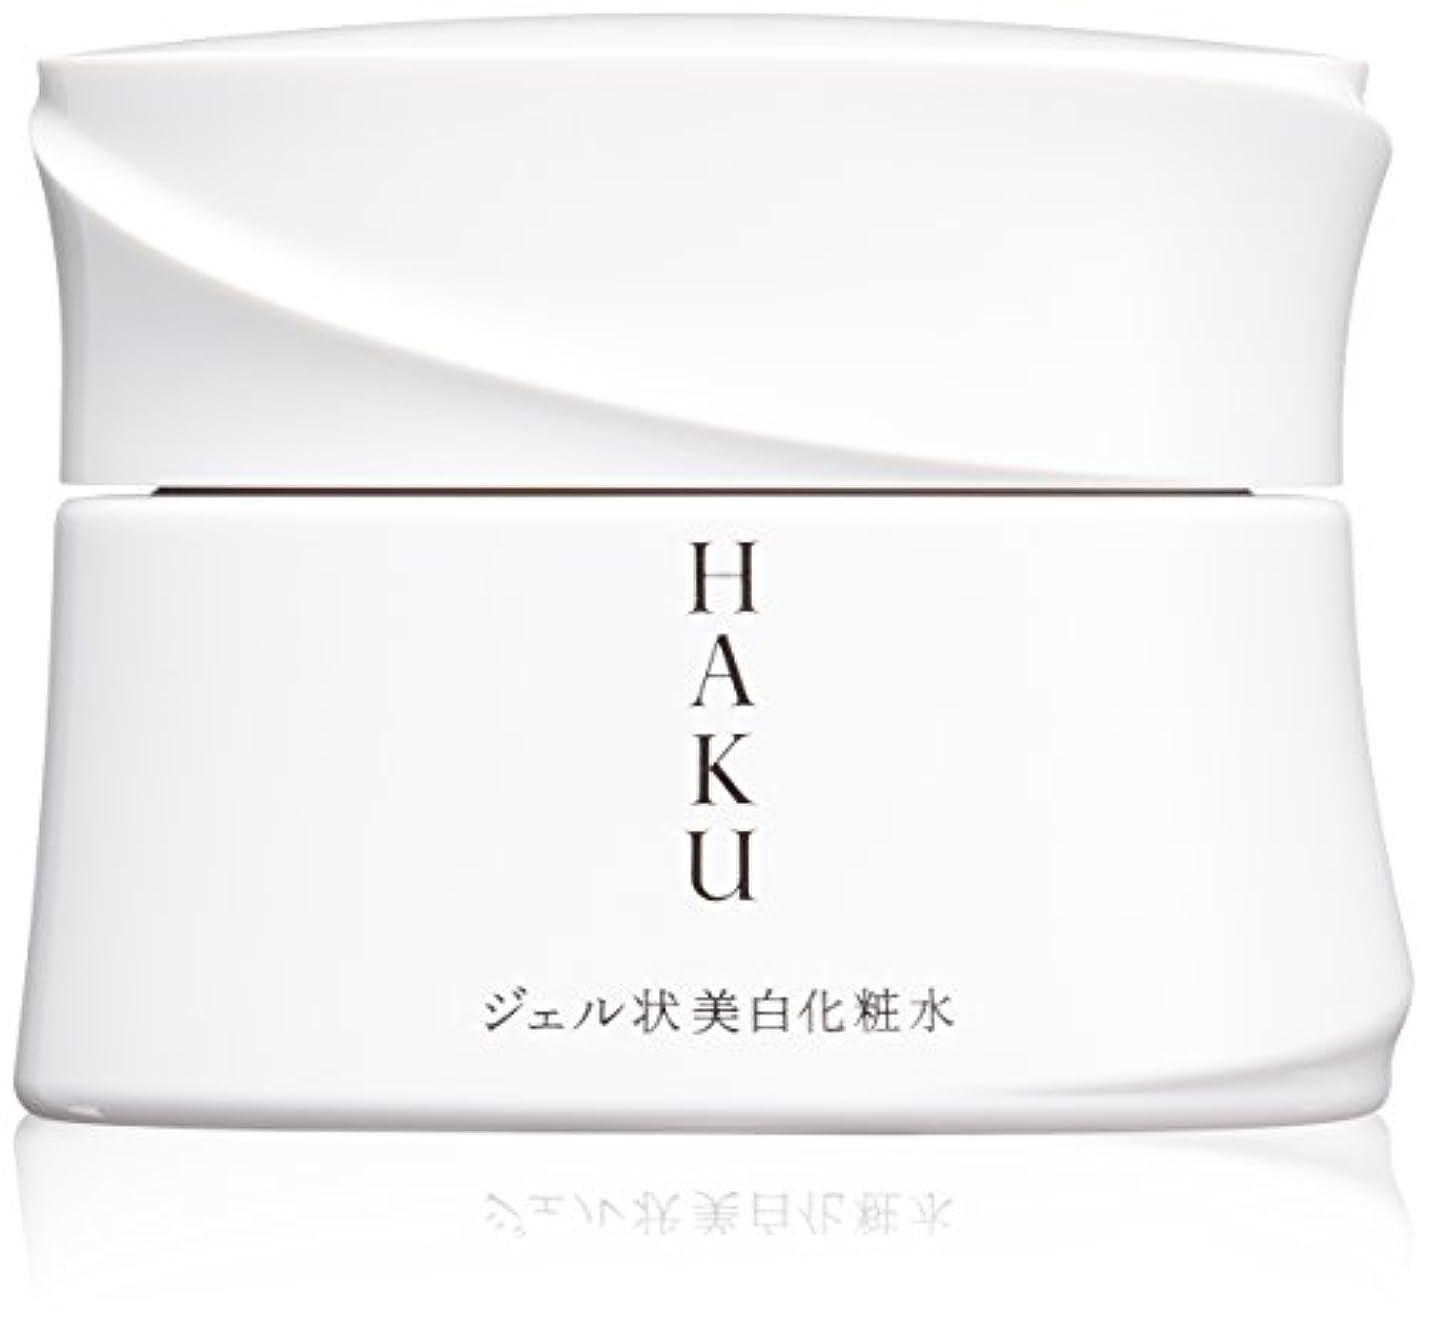 ボトルネックにんじん降臨HAKU メラノディープモイスチャー 美白化粧水 100g 【医薬部外品】